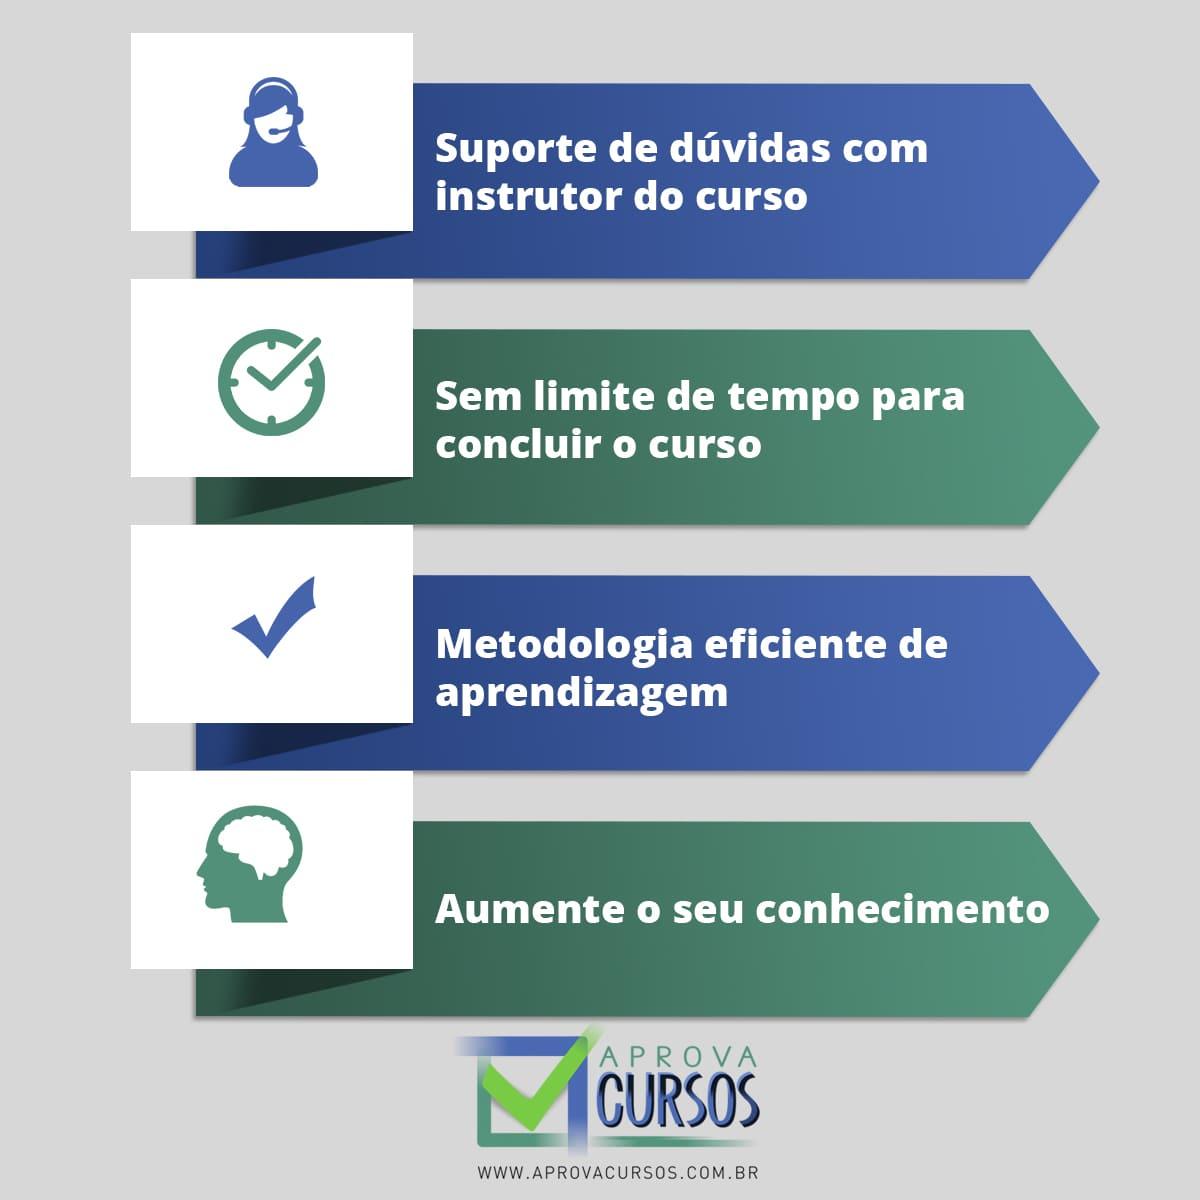 Curso Online de Cuidados com Feridas com Certificado  - Aprova Cursos